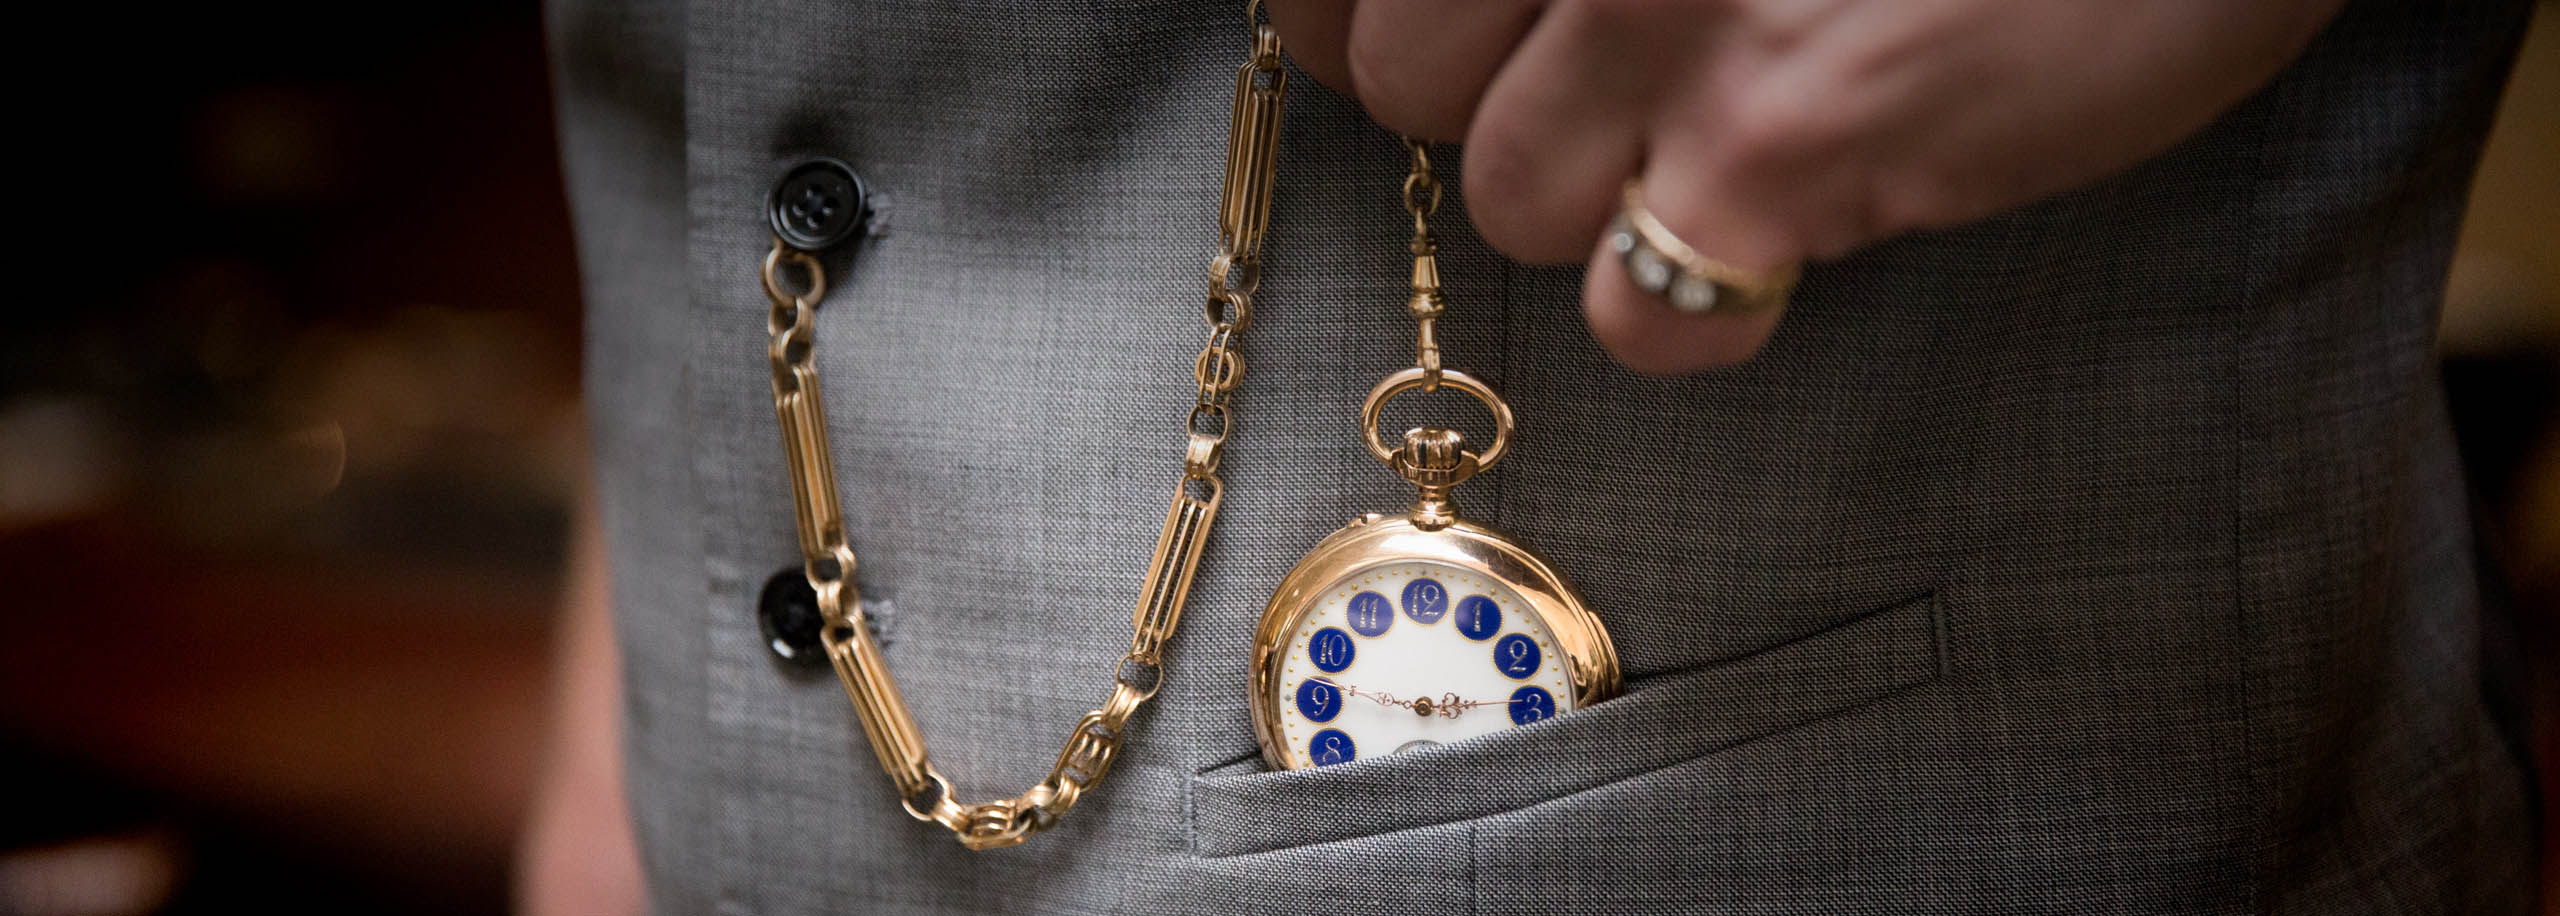 Antique & Vintage Gentlemen's Jewelry